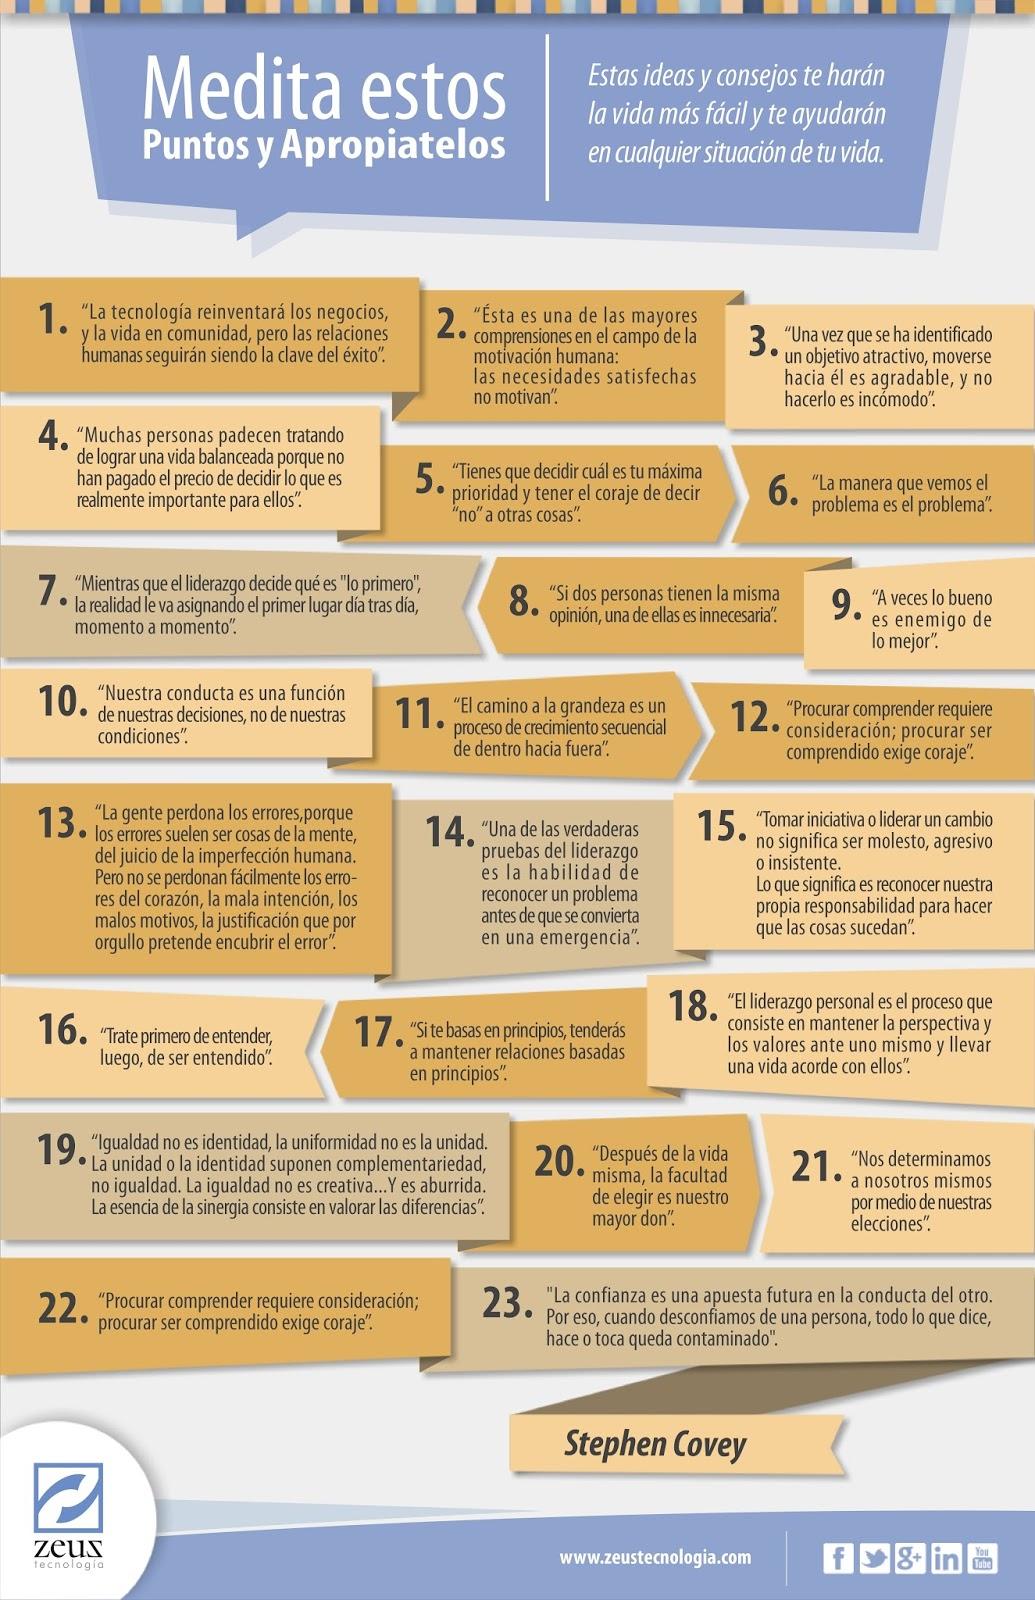 Blog Zeus Tecnología: Frases y citas de Stephen Covey